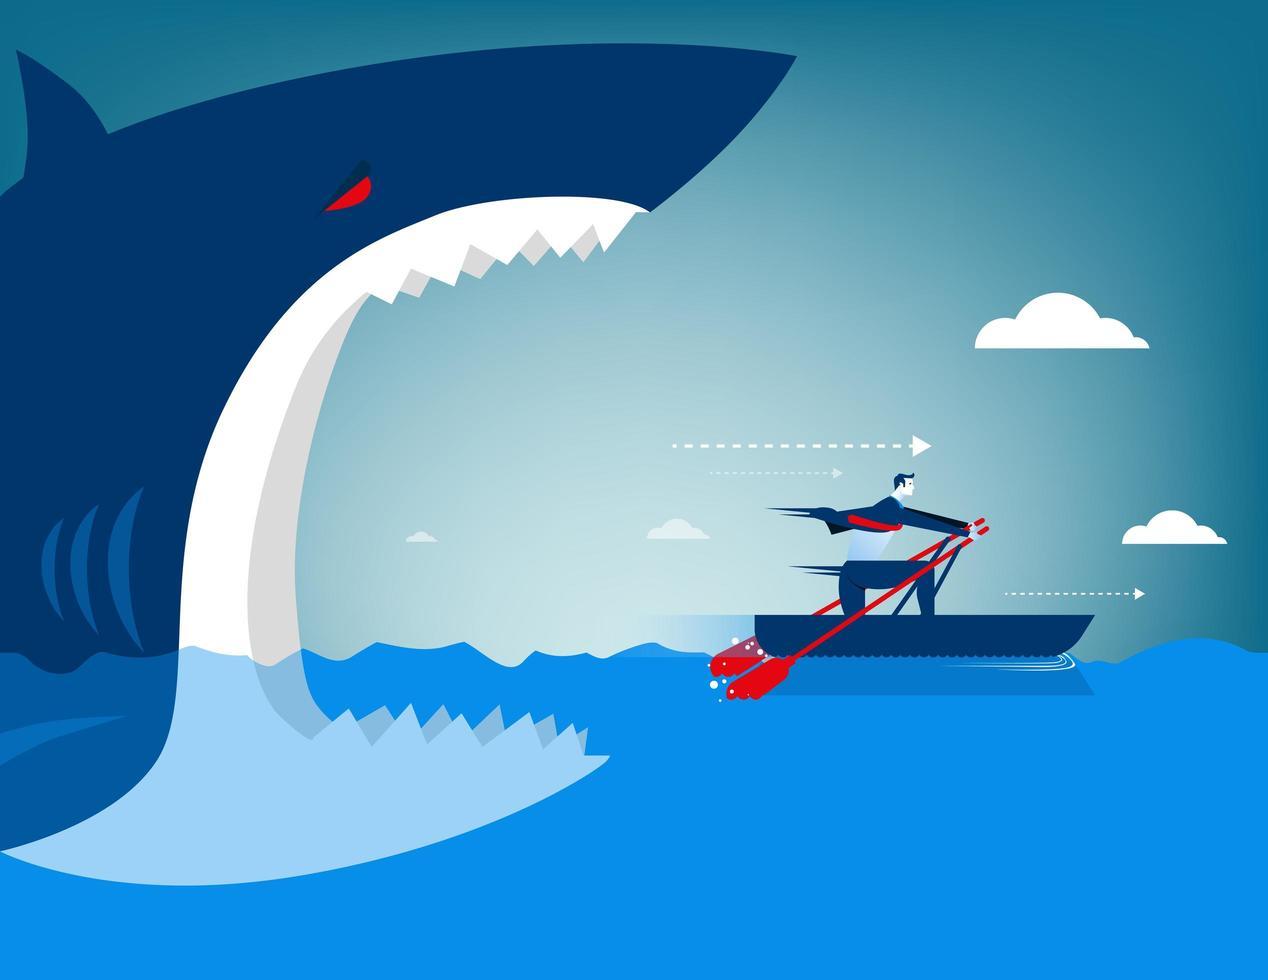 Empresario escapa de tiburón en un bote vector